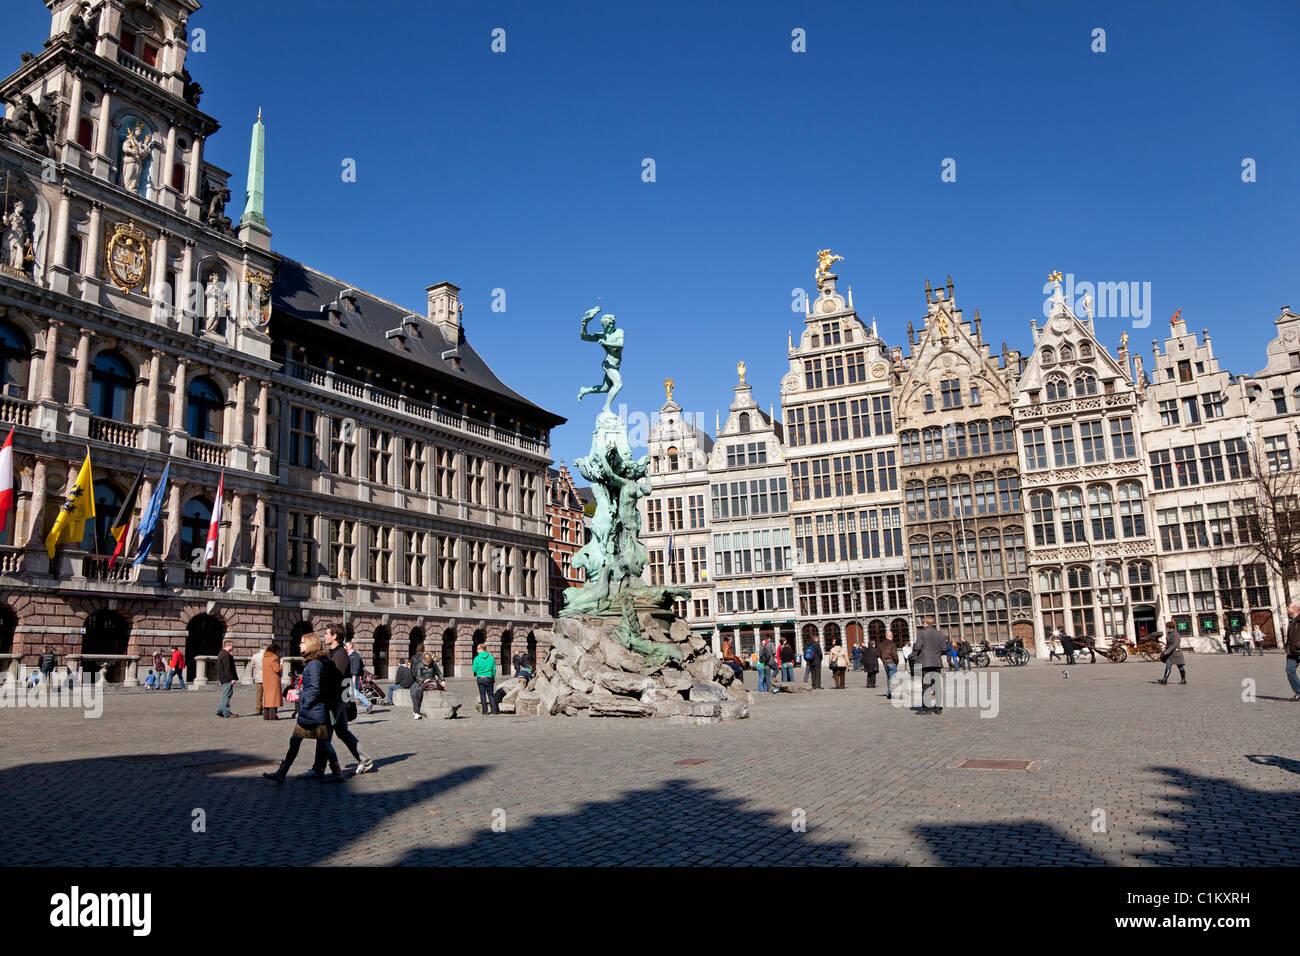 Grote markt in Antwerp, Belgium Stock Photo